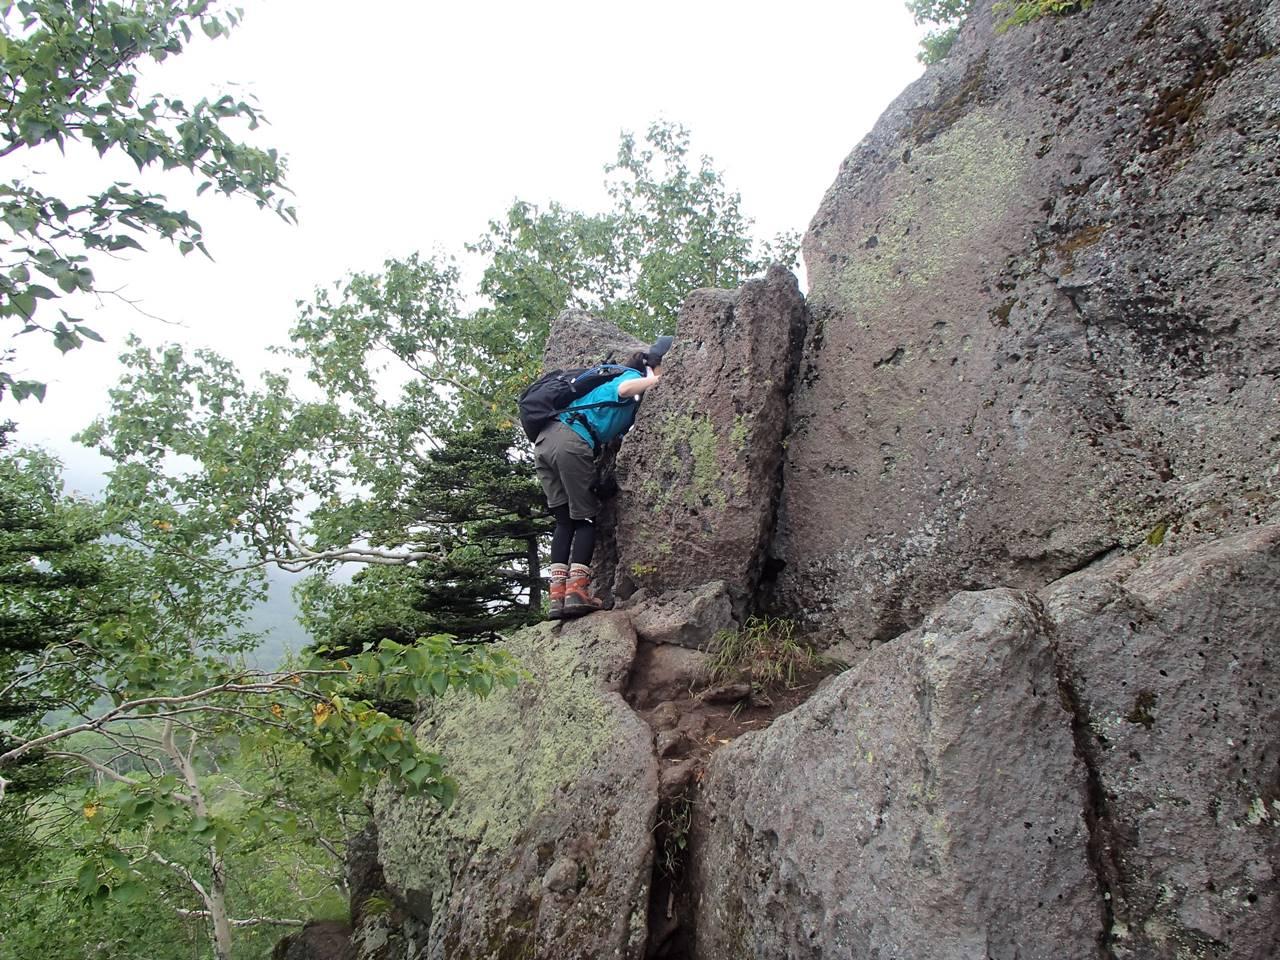 ニペソツ山 登山道の岩場